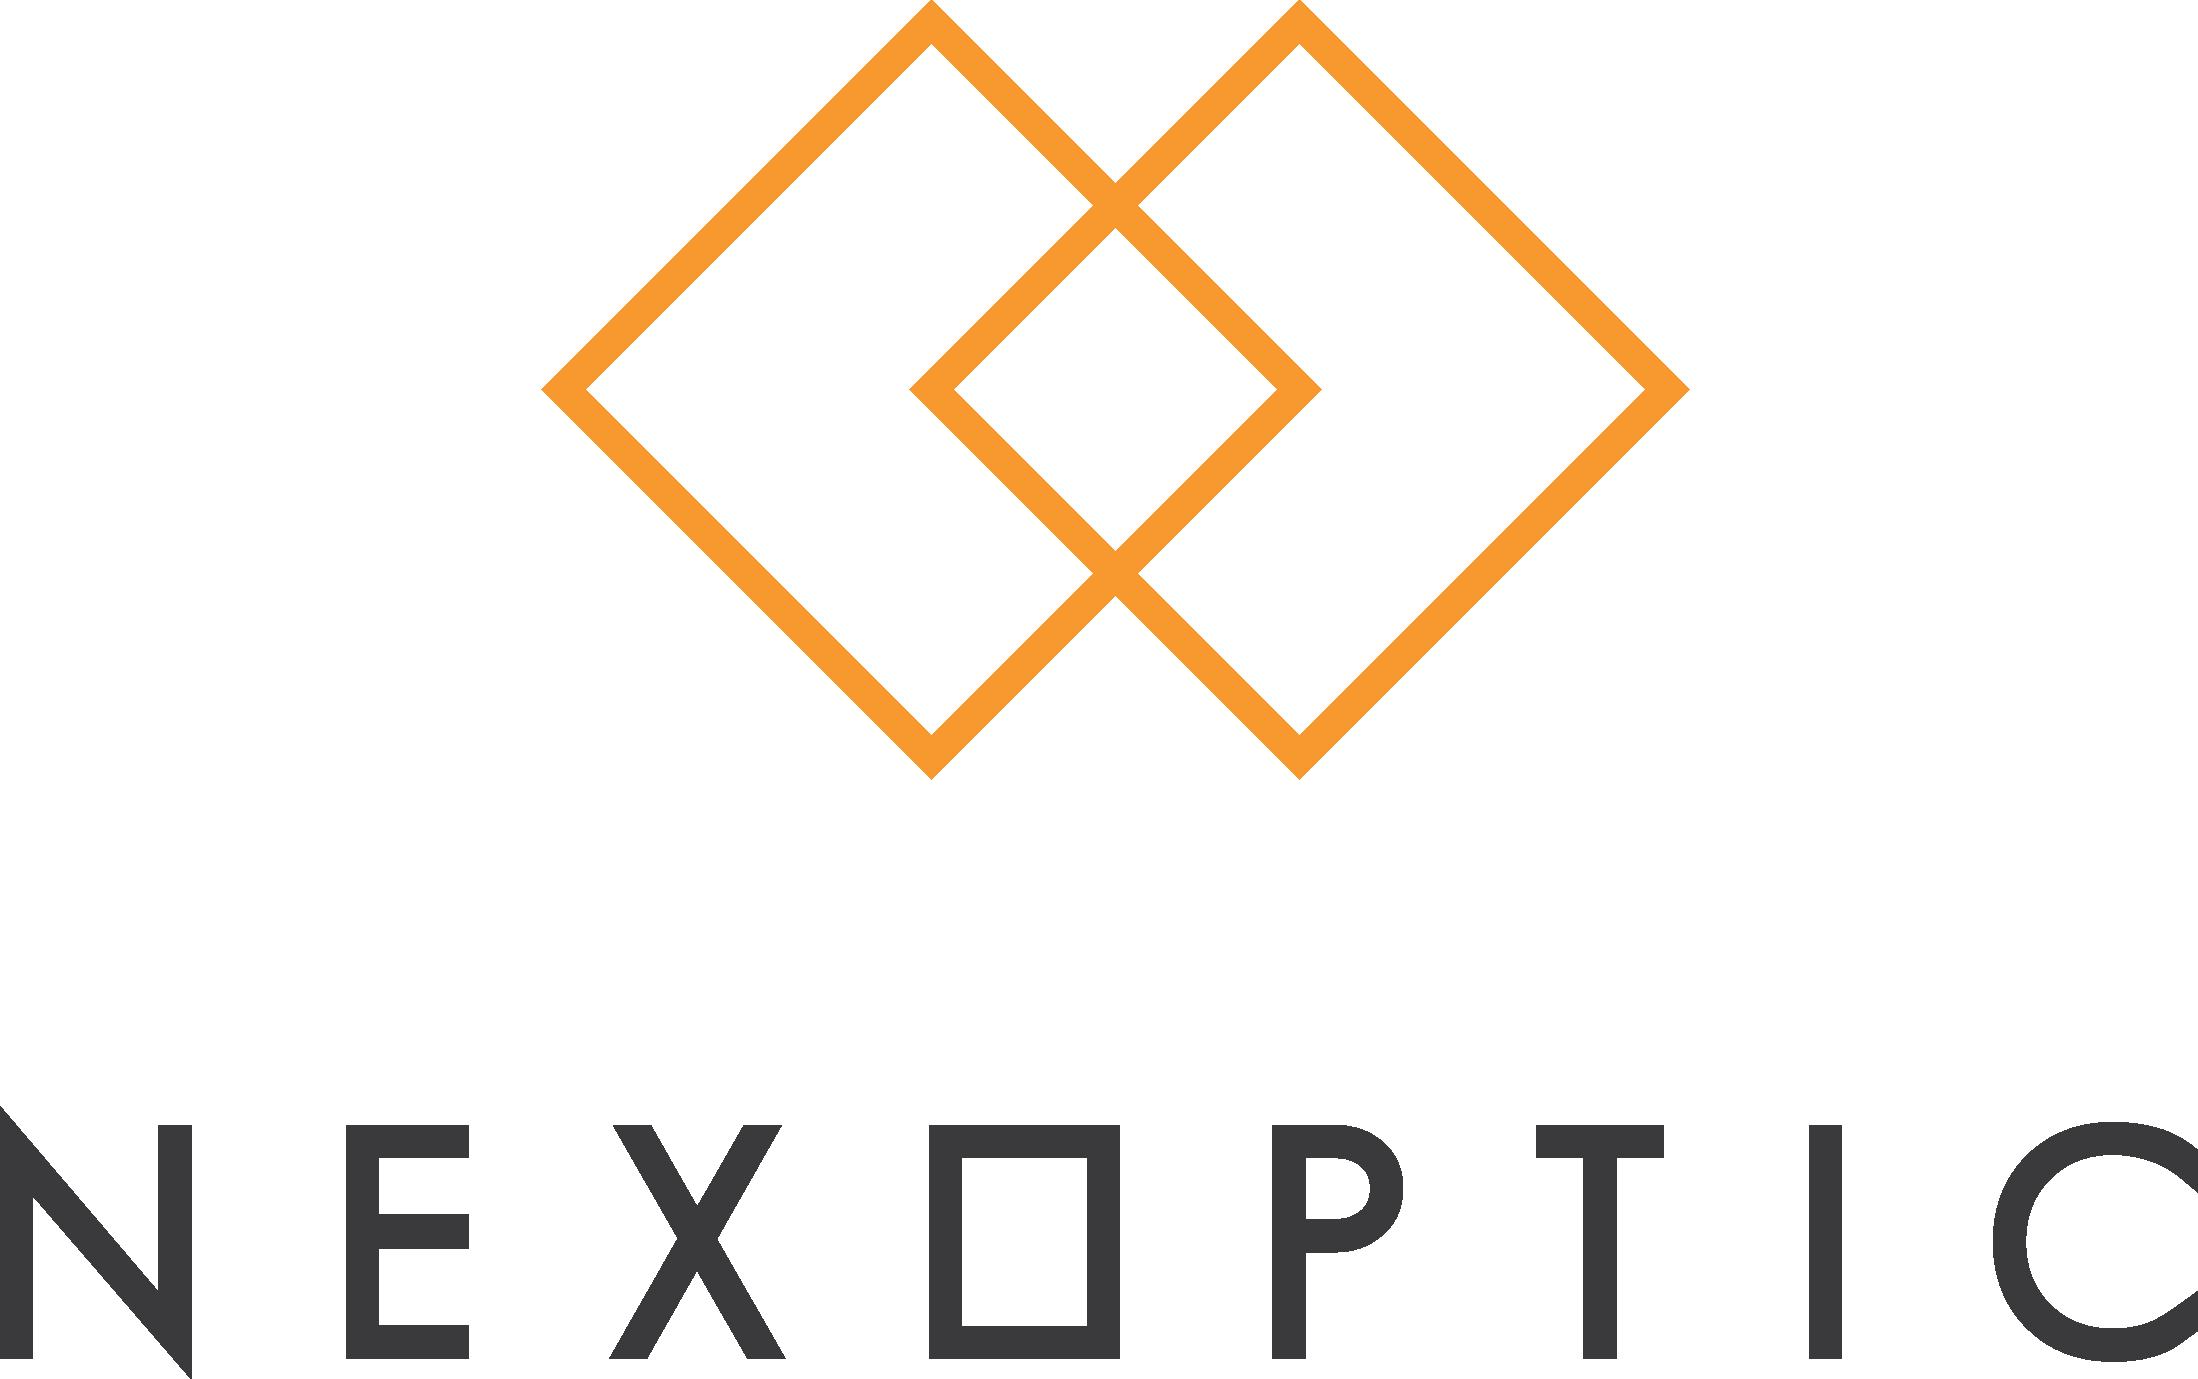 NexOptic to Reprice Warrants